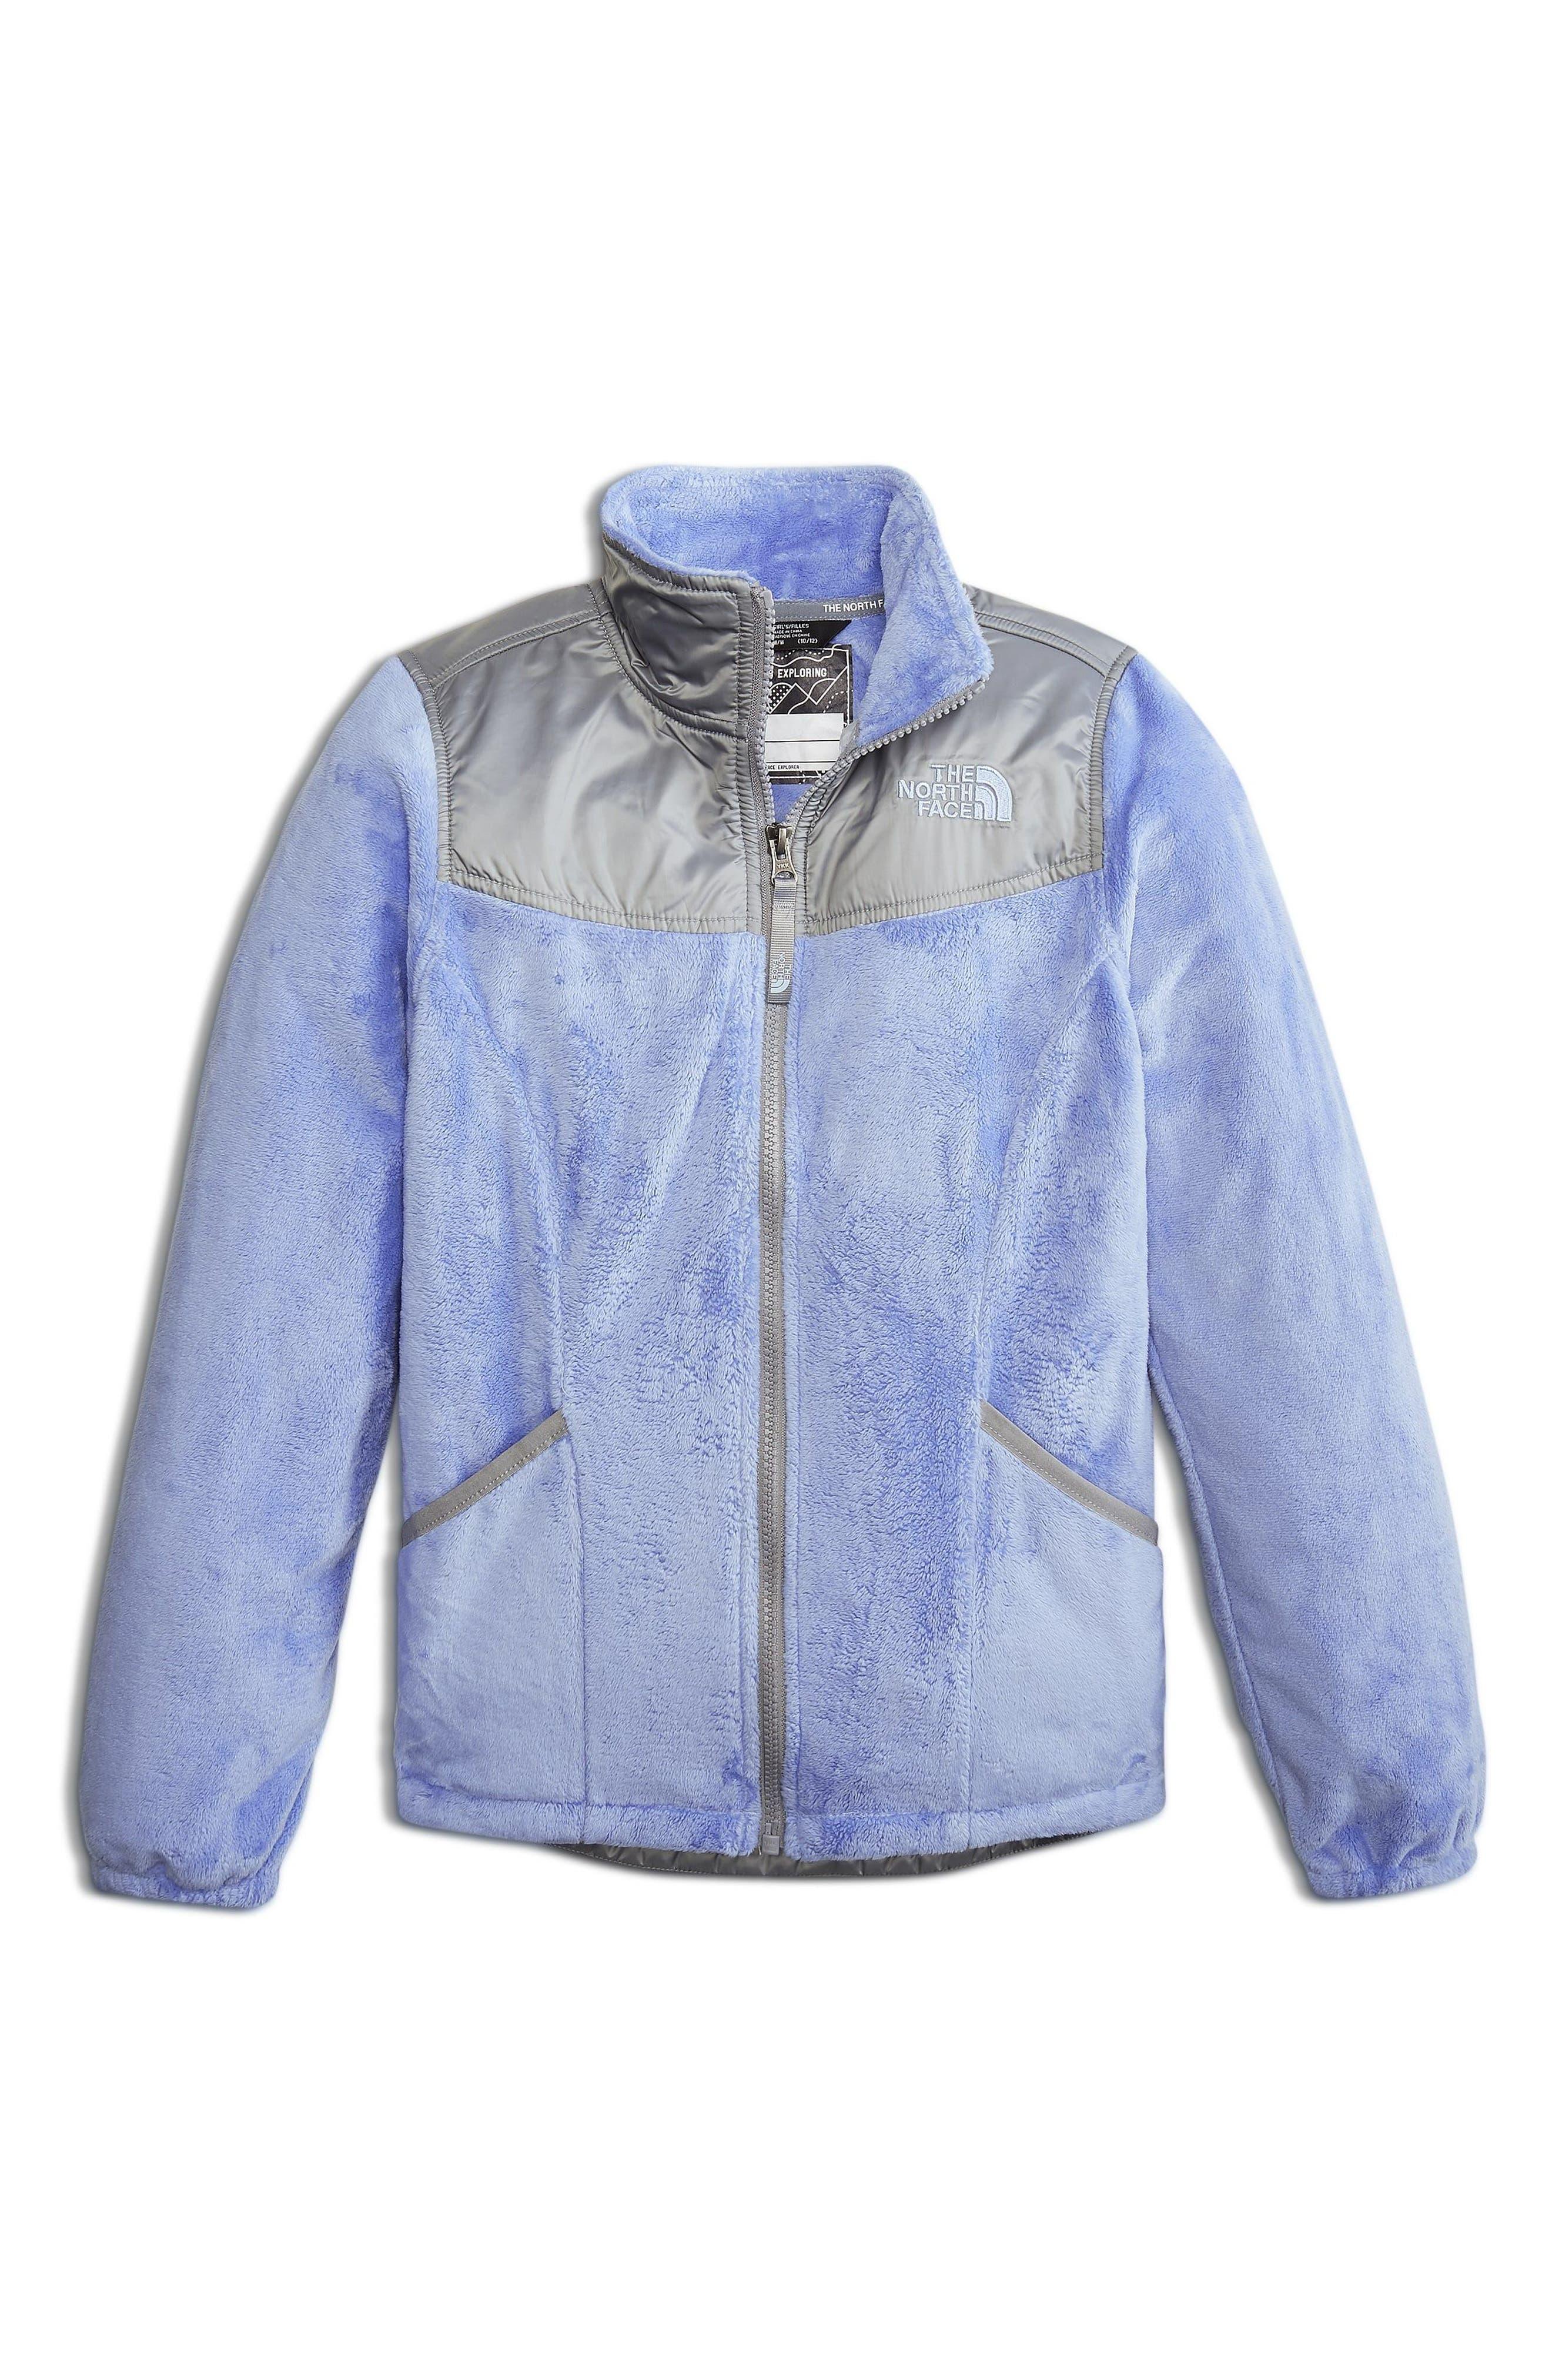 Osolita 2 Fleece Jacket,                             Main thumbnail 1, color,                             Collar Blue